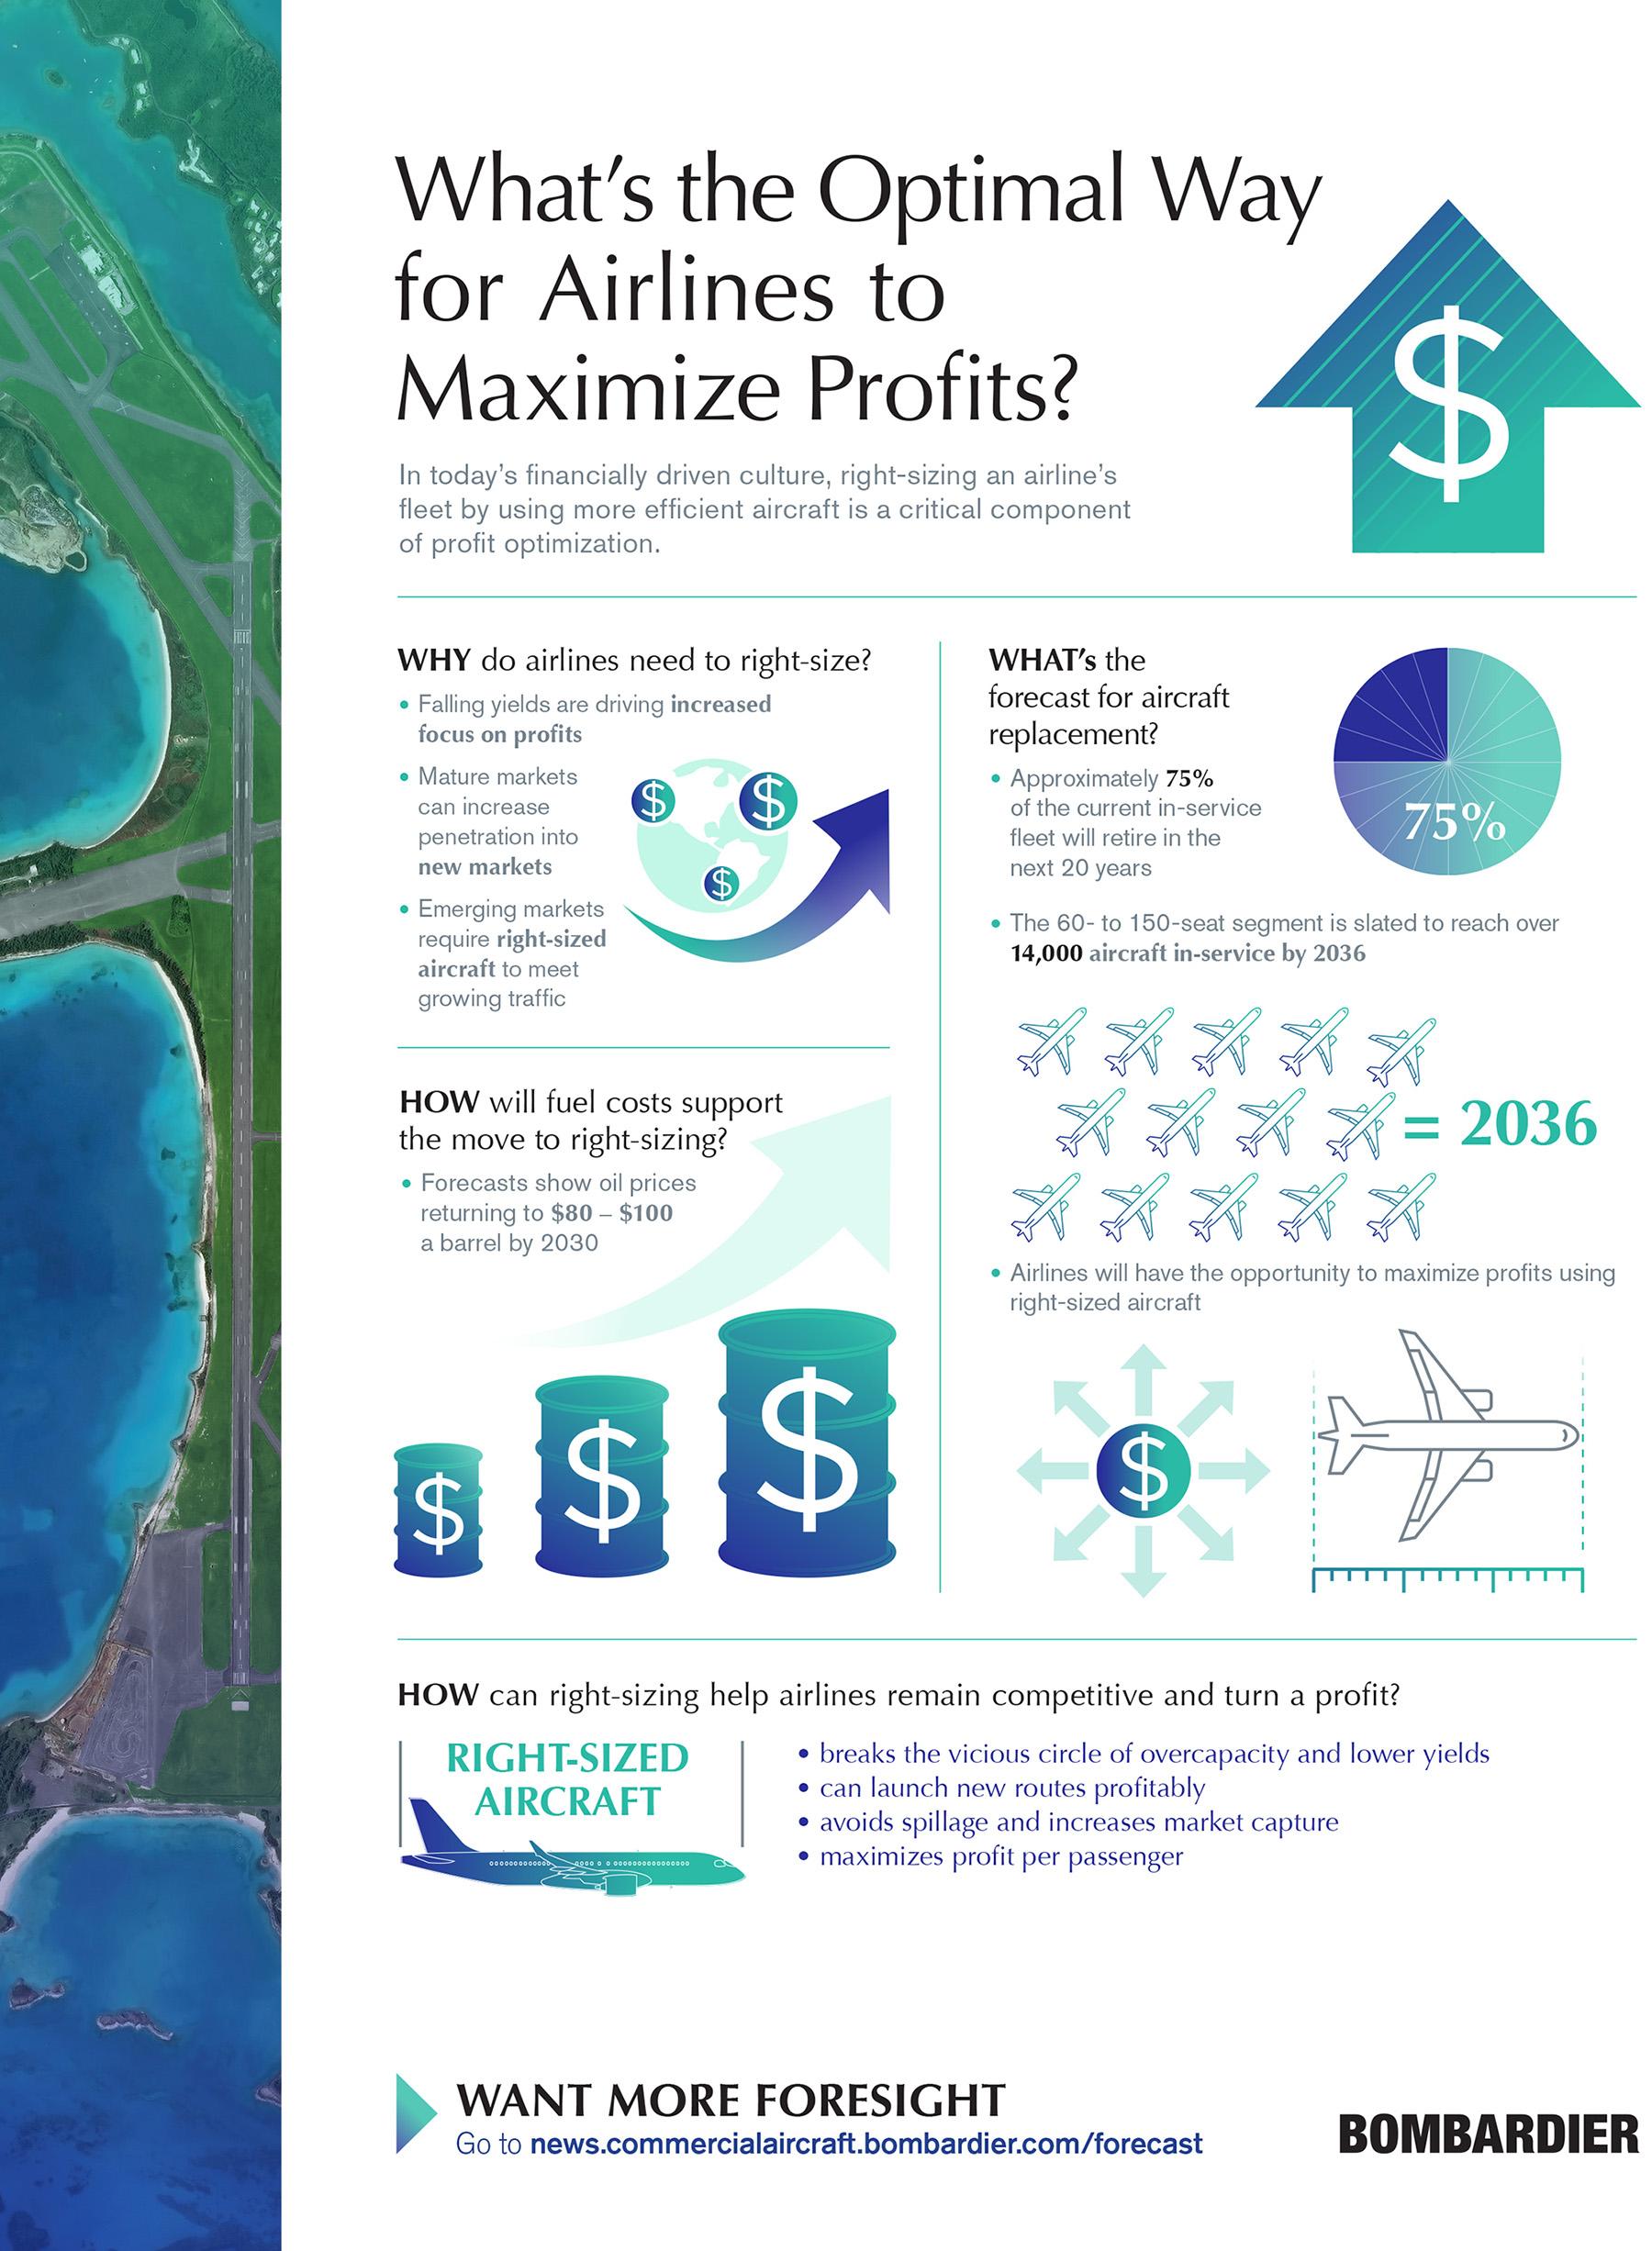 Bombardier Market forecast